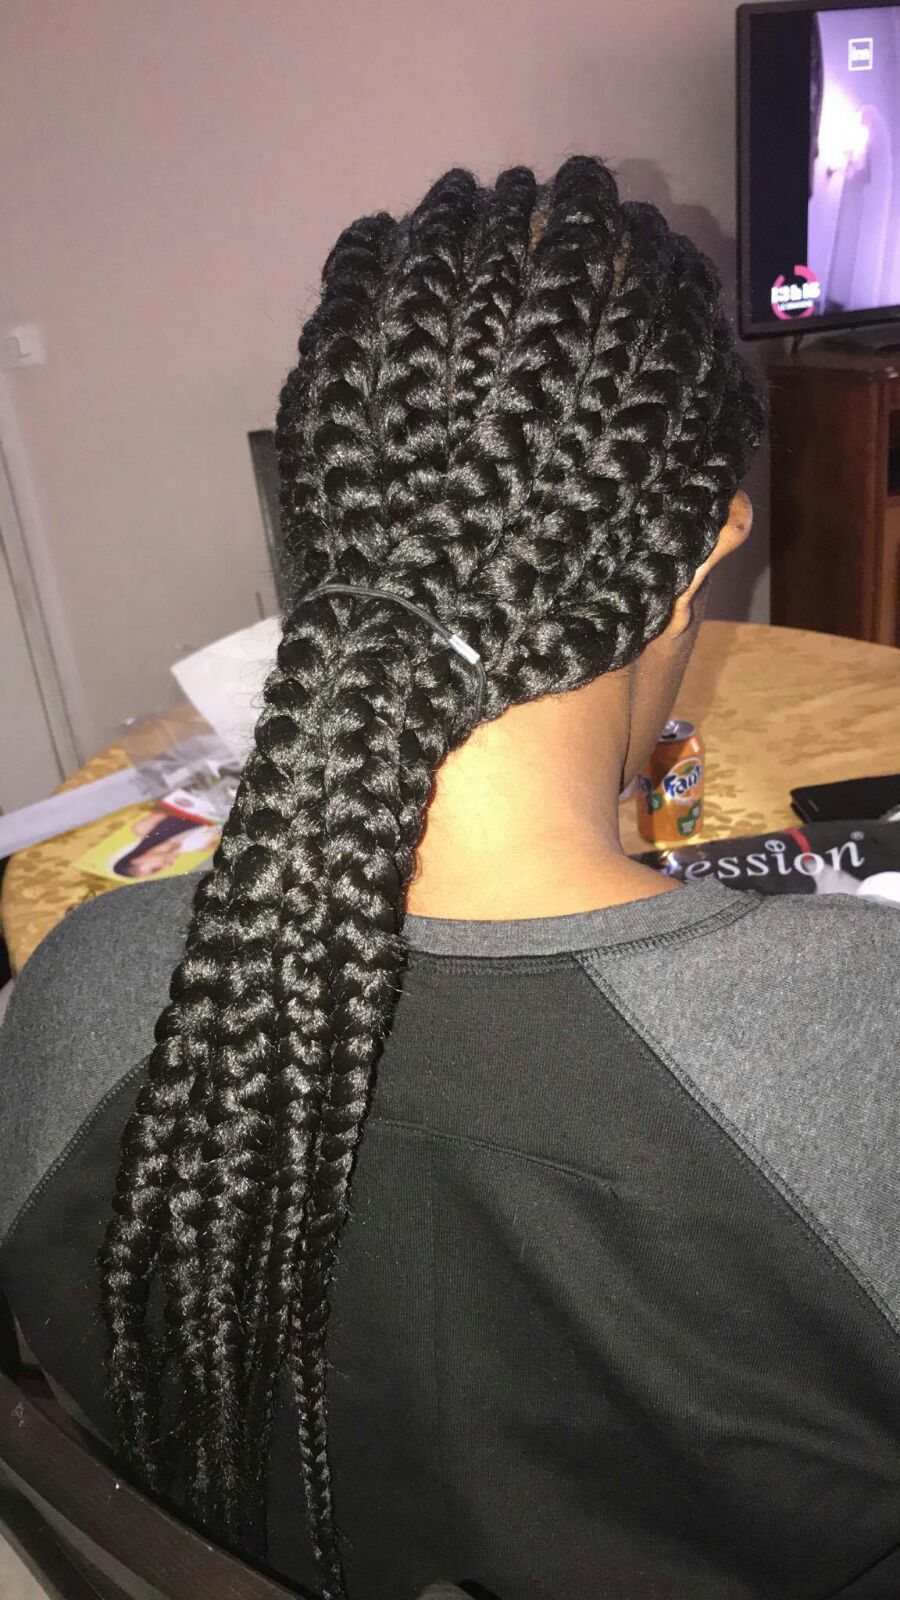 salon de coiffure afro tresse tresses box braids crochet braids vanilles tissages paris 75 77 78 91 92 93 94 95 VWANDWJC